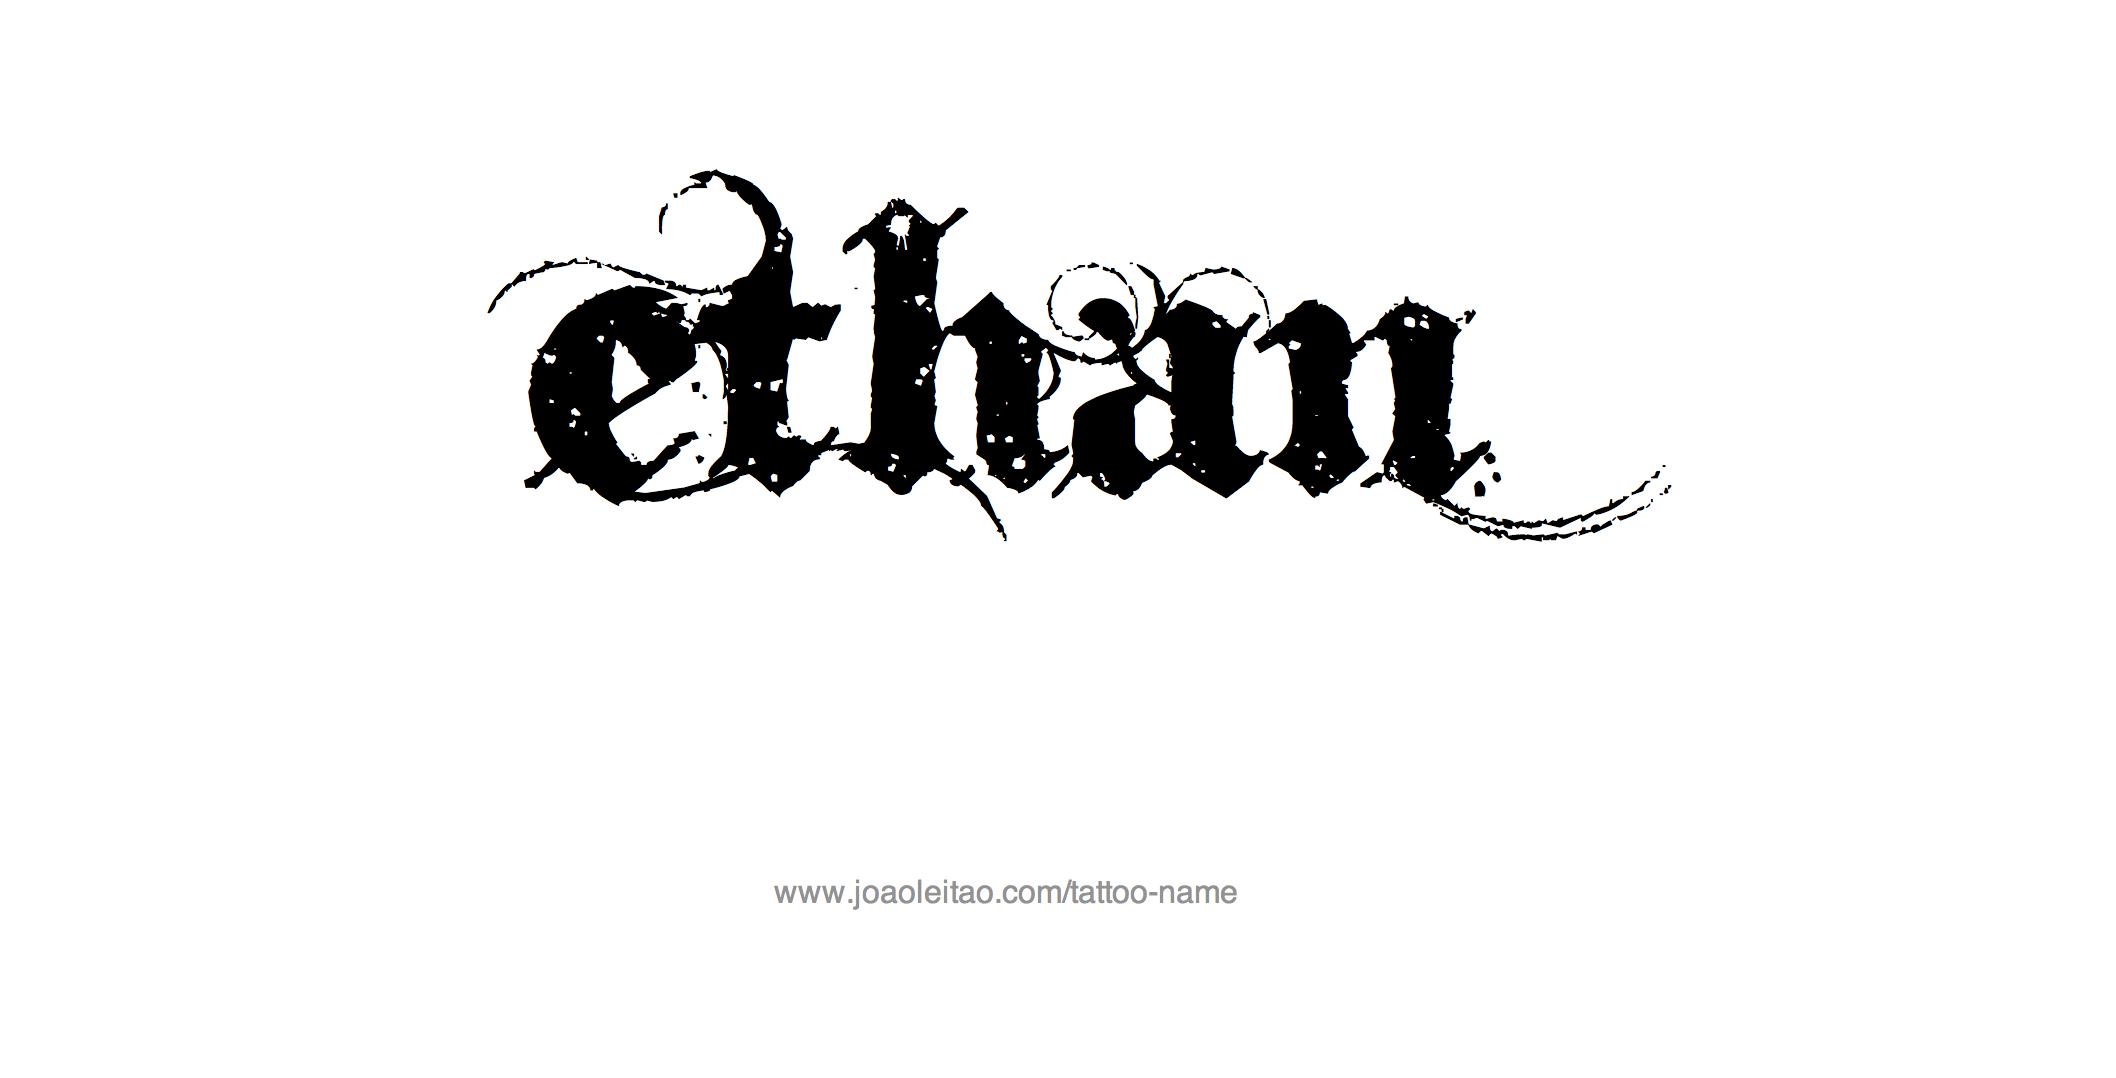 Ethan Name Tattoo Designs Name Tattoos Tatto Name Tattoos